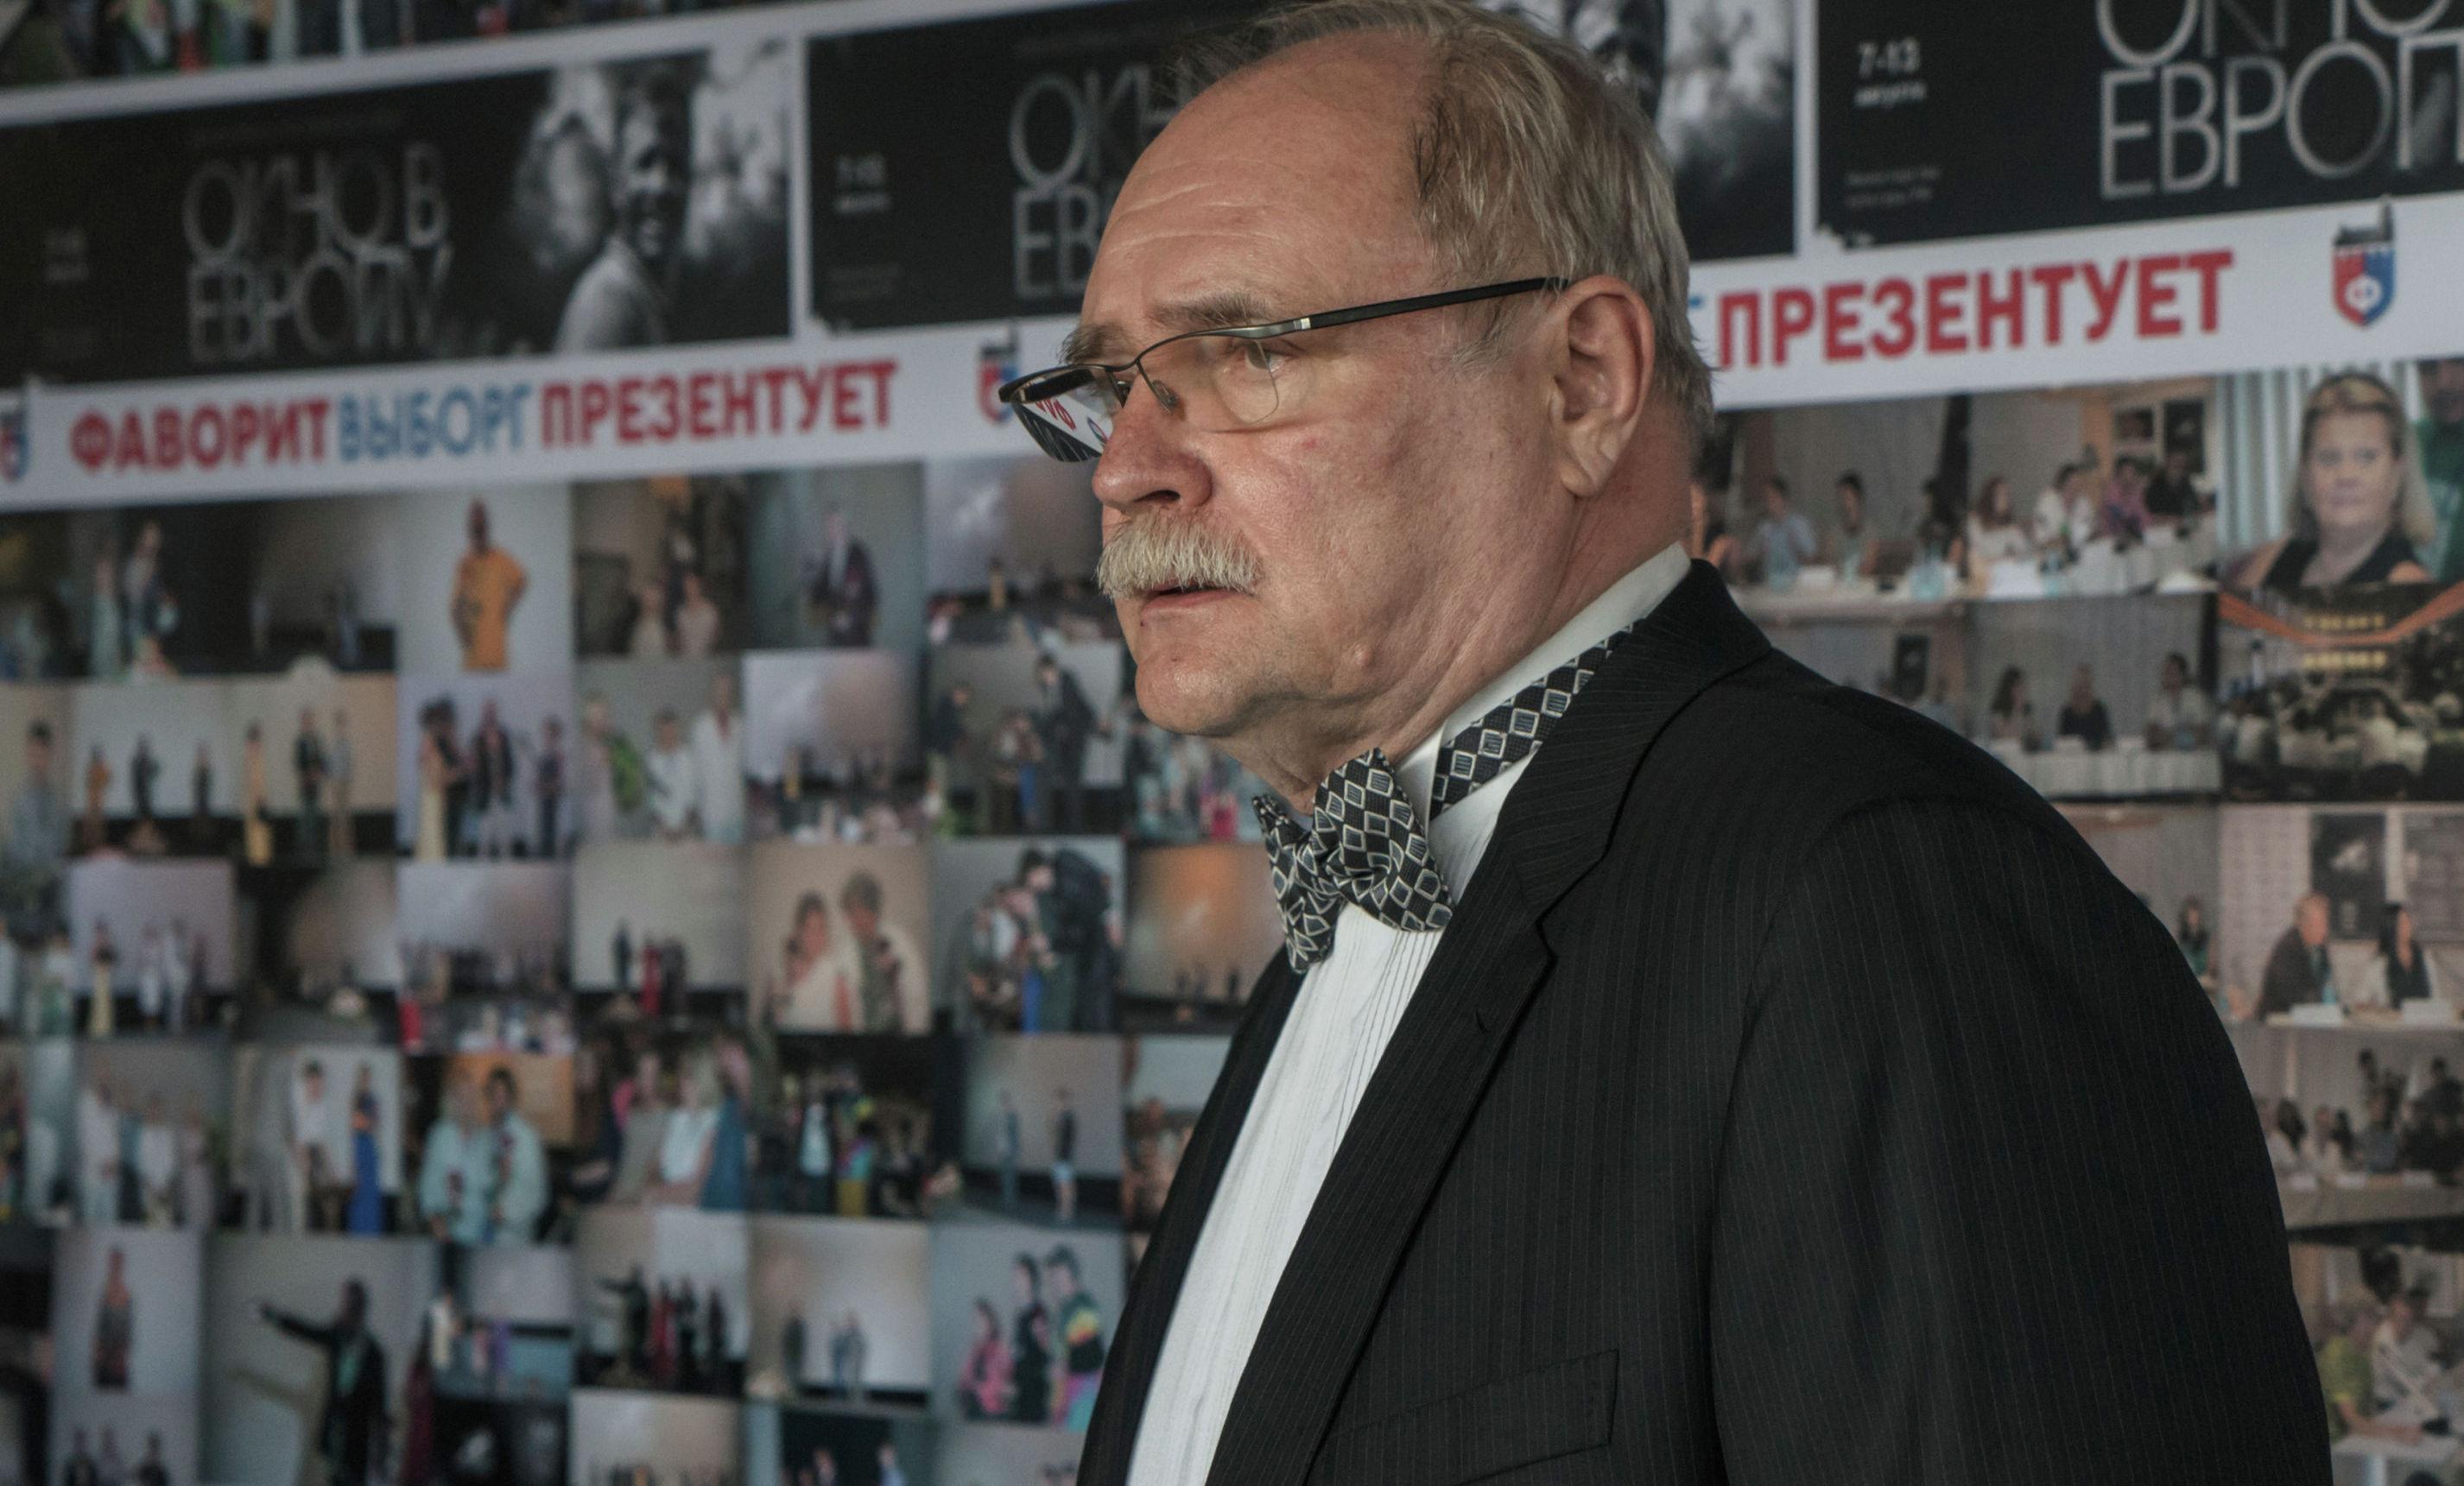 Режиссер Владимир Бортко перед началом праздничного шествия, посвященного открытию ХХIII фестиваля российского кино Окно в Европу в Выборге.